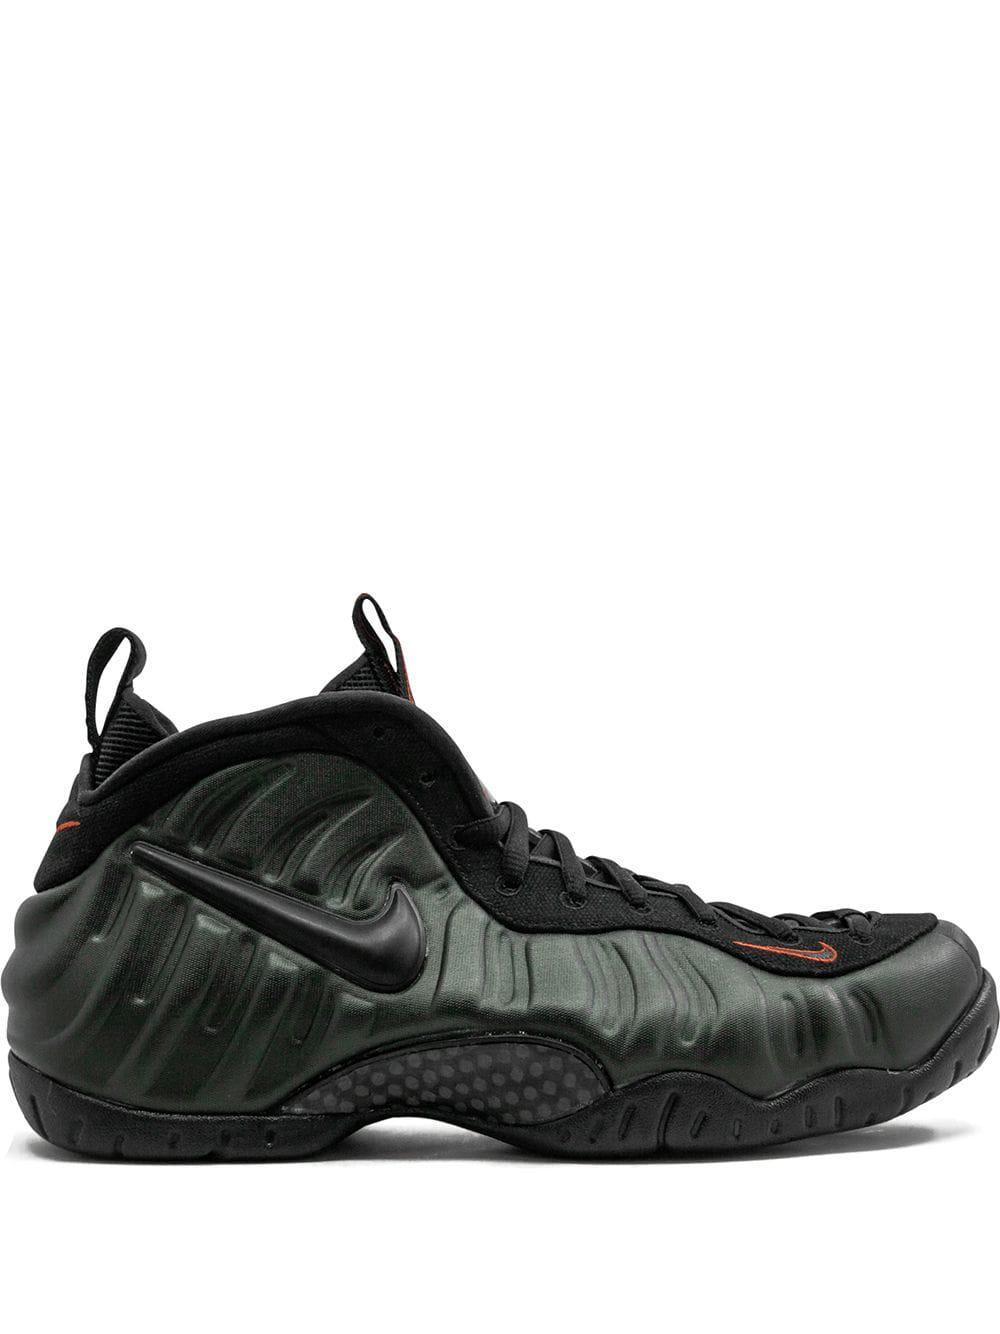 huge discount 31ca9 bc406 Nike  Air Foamposite Pro  Sneakers - Schwarz In Black